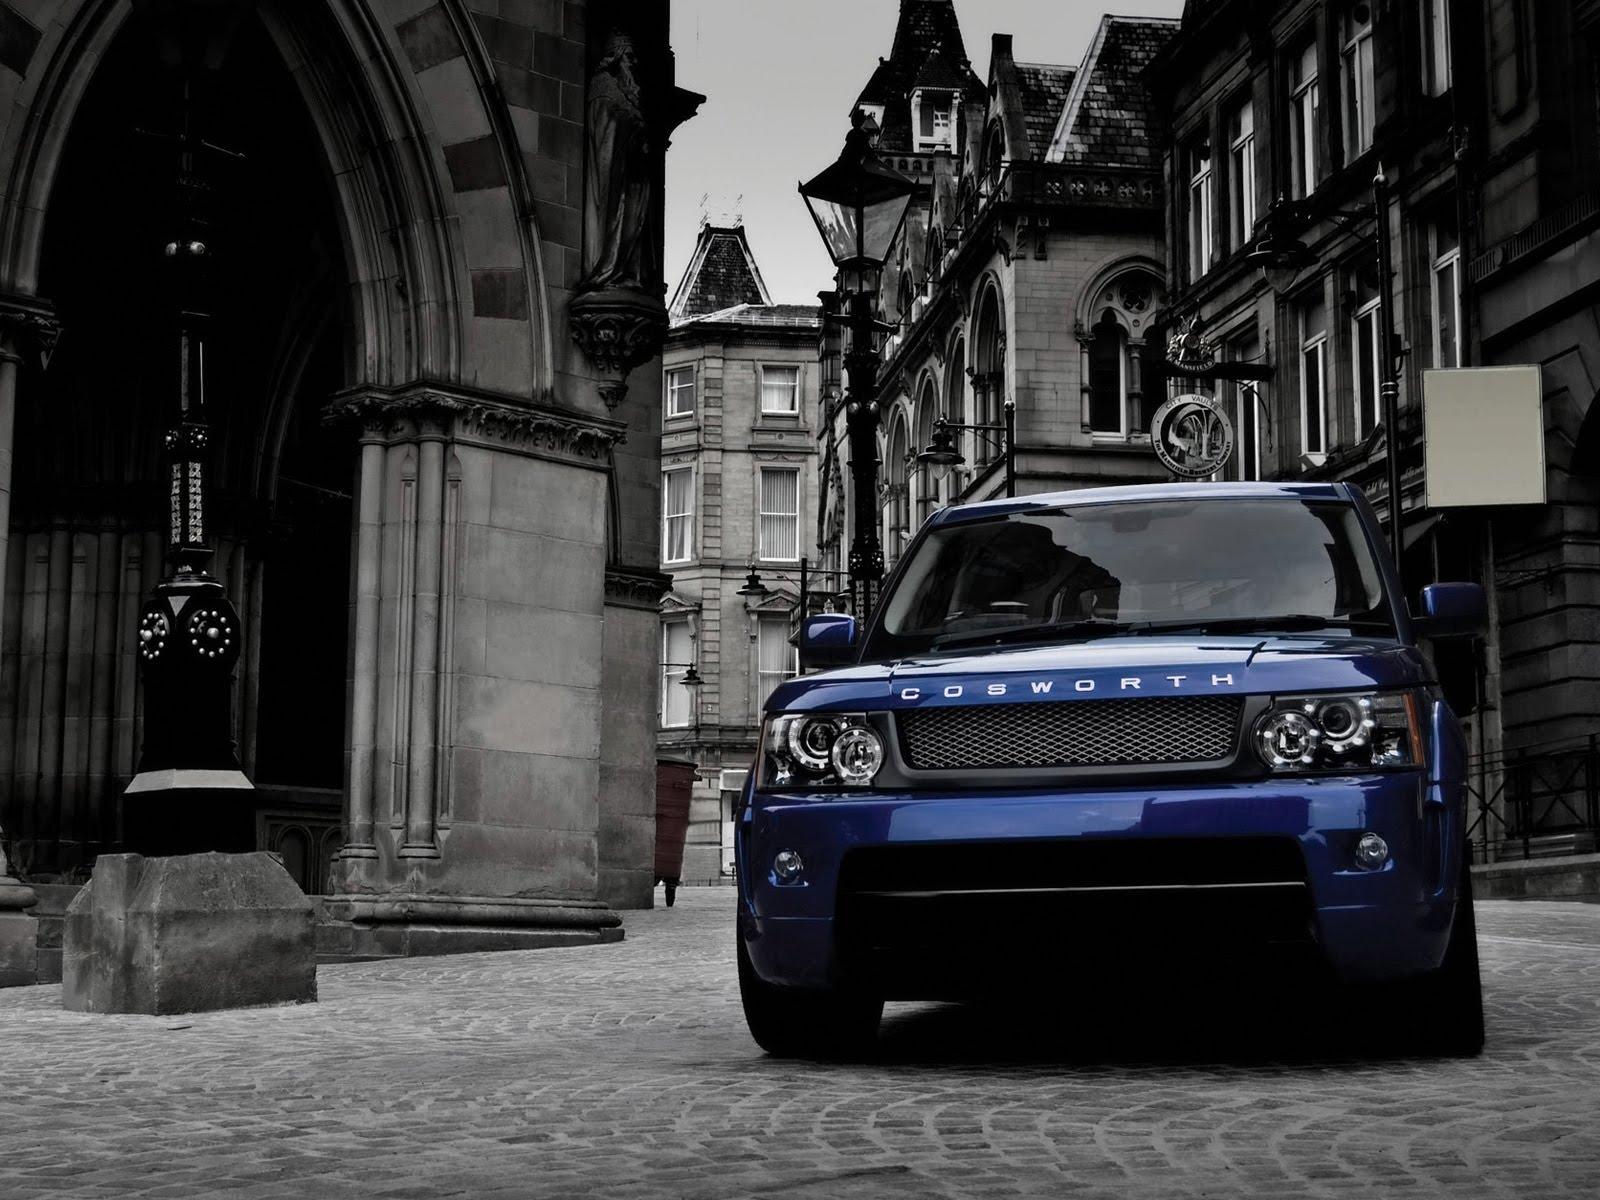 Range Rover Wallpaper Hd: 15 Range Rover HD Desktop Wallpapers